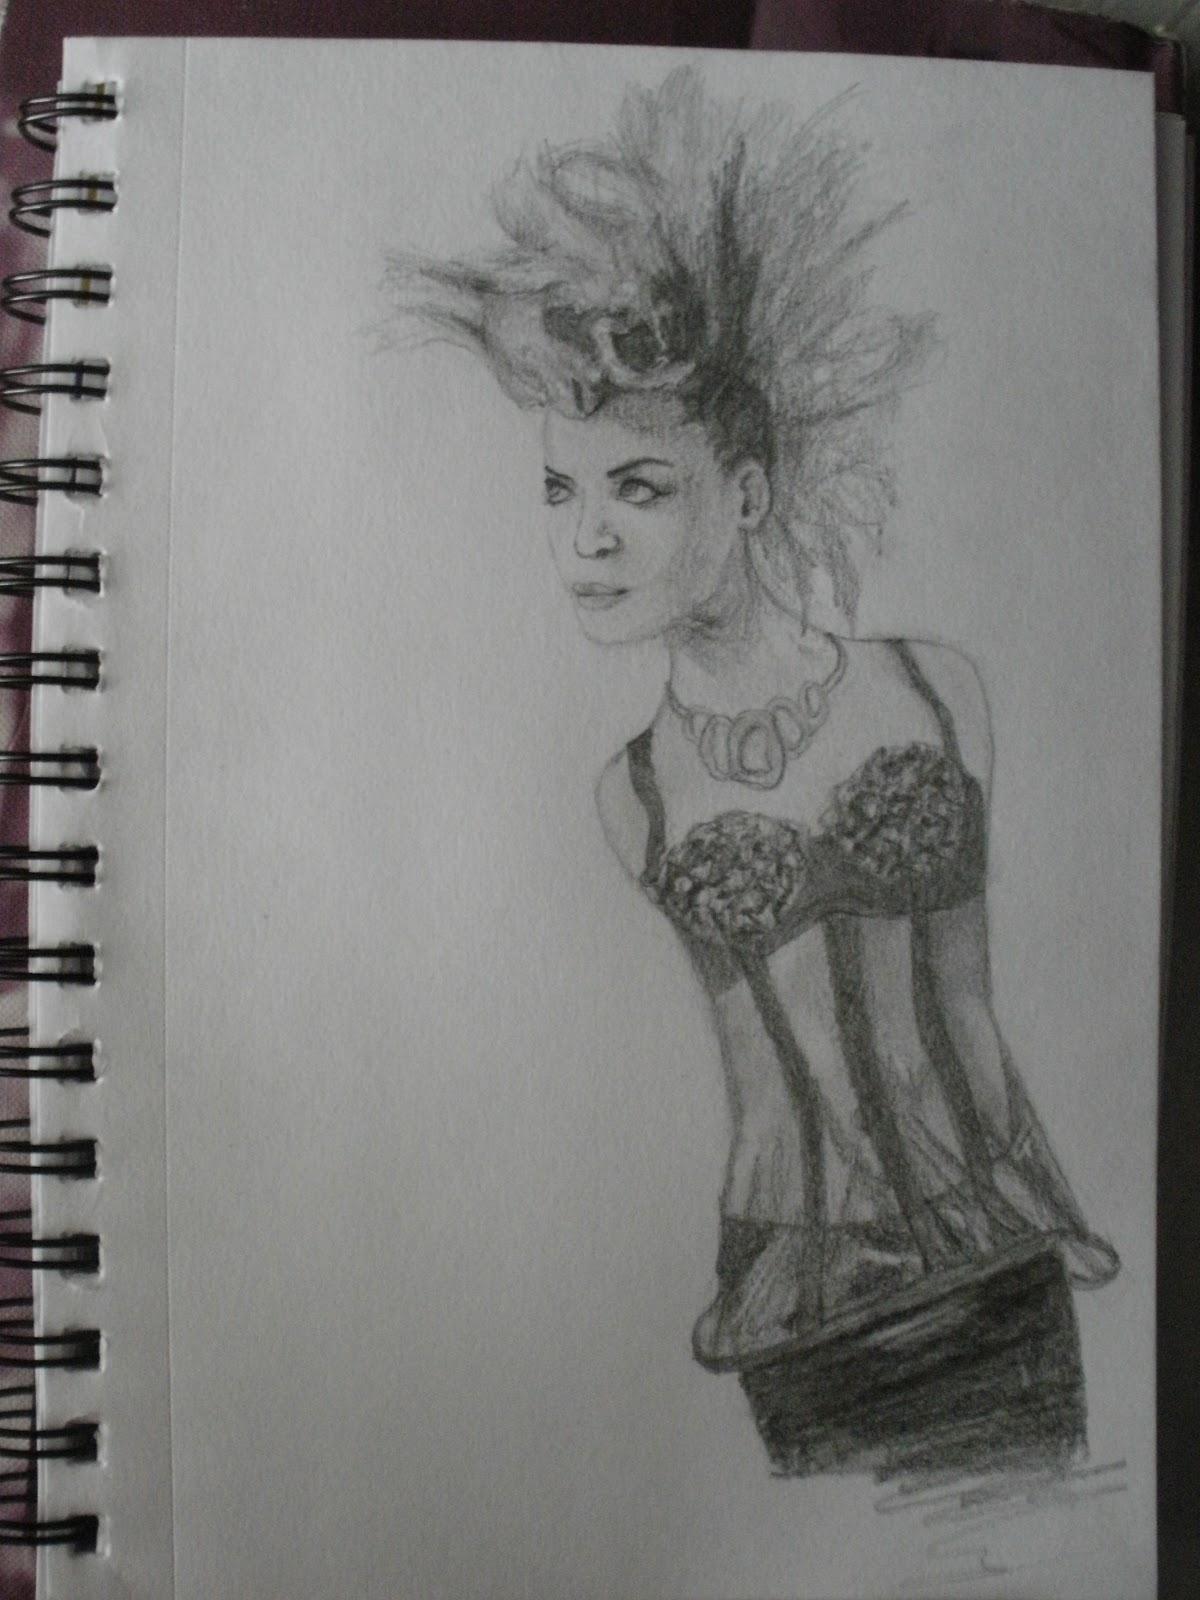 http://2.bp.blogspot.com/-SRLZc5FX8P0/T9DX0RO0jBI/AAAAAAAAAU8/GelC6Dzt_RM/s1600/Eva+Simons+Sketch.JPG